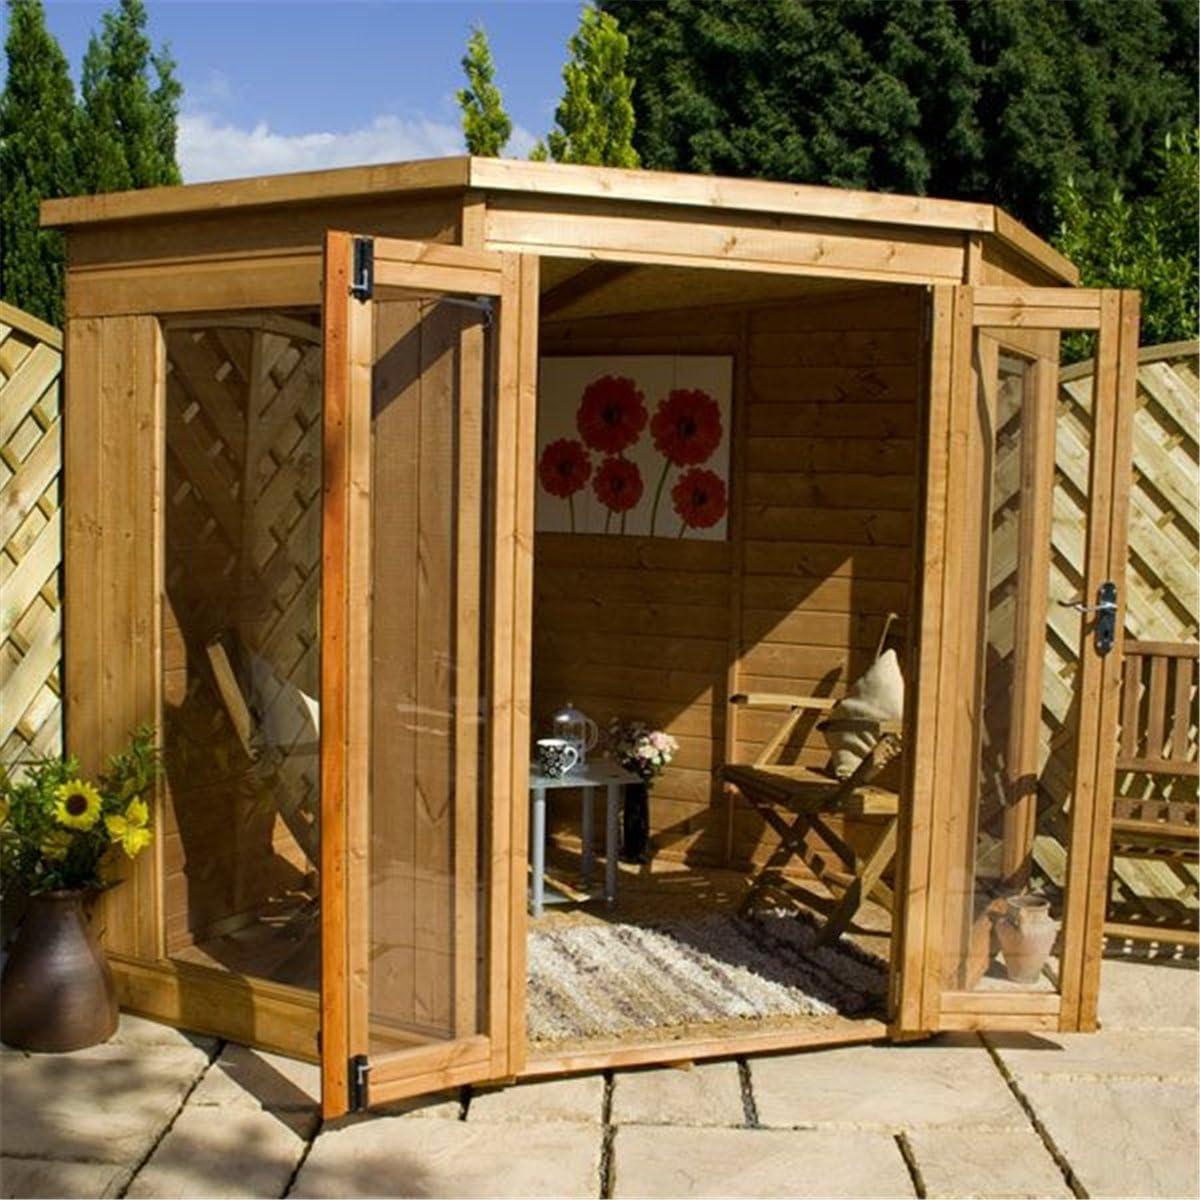 213, 36 cm x cm 213, 36 henselite fixthedrip jardín cenador de madera (10 mm OSB sólido suelo y techo): Amazon.es: Jardín